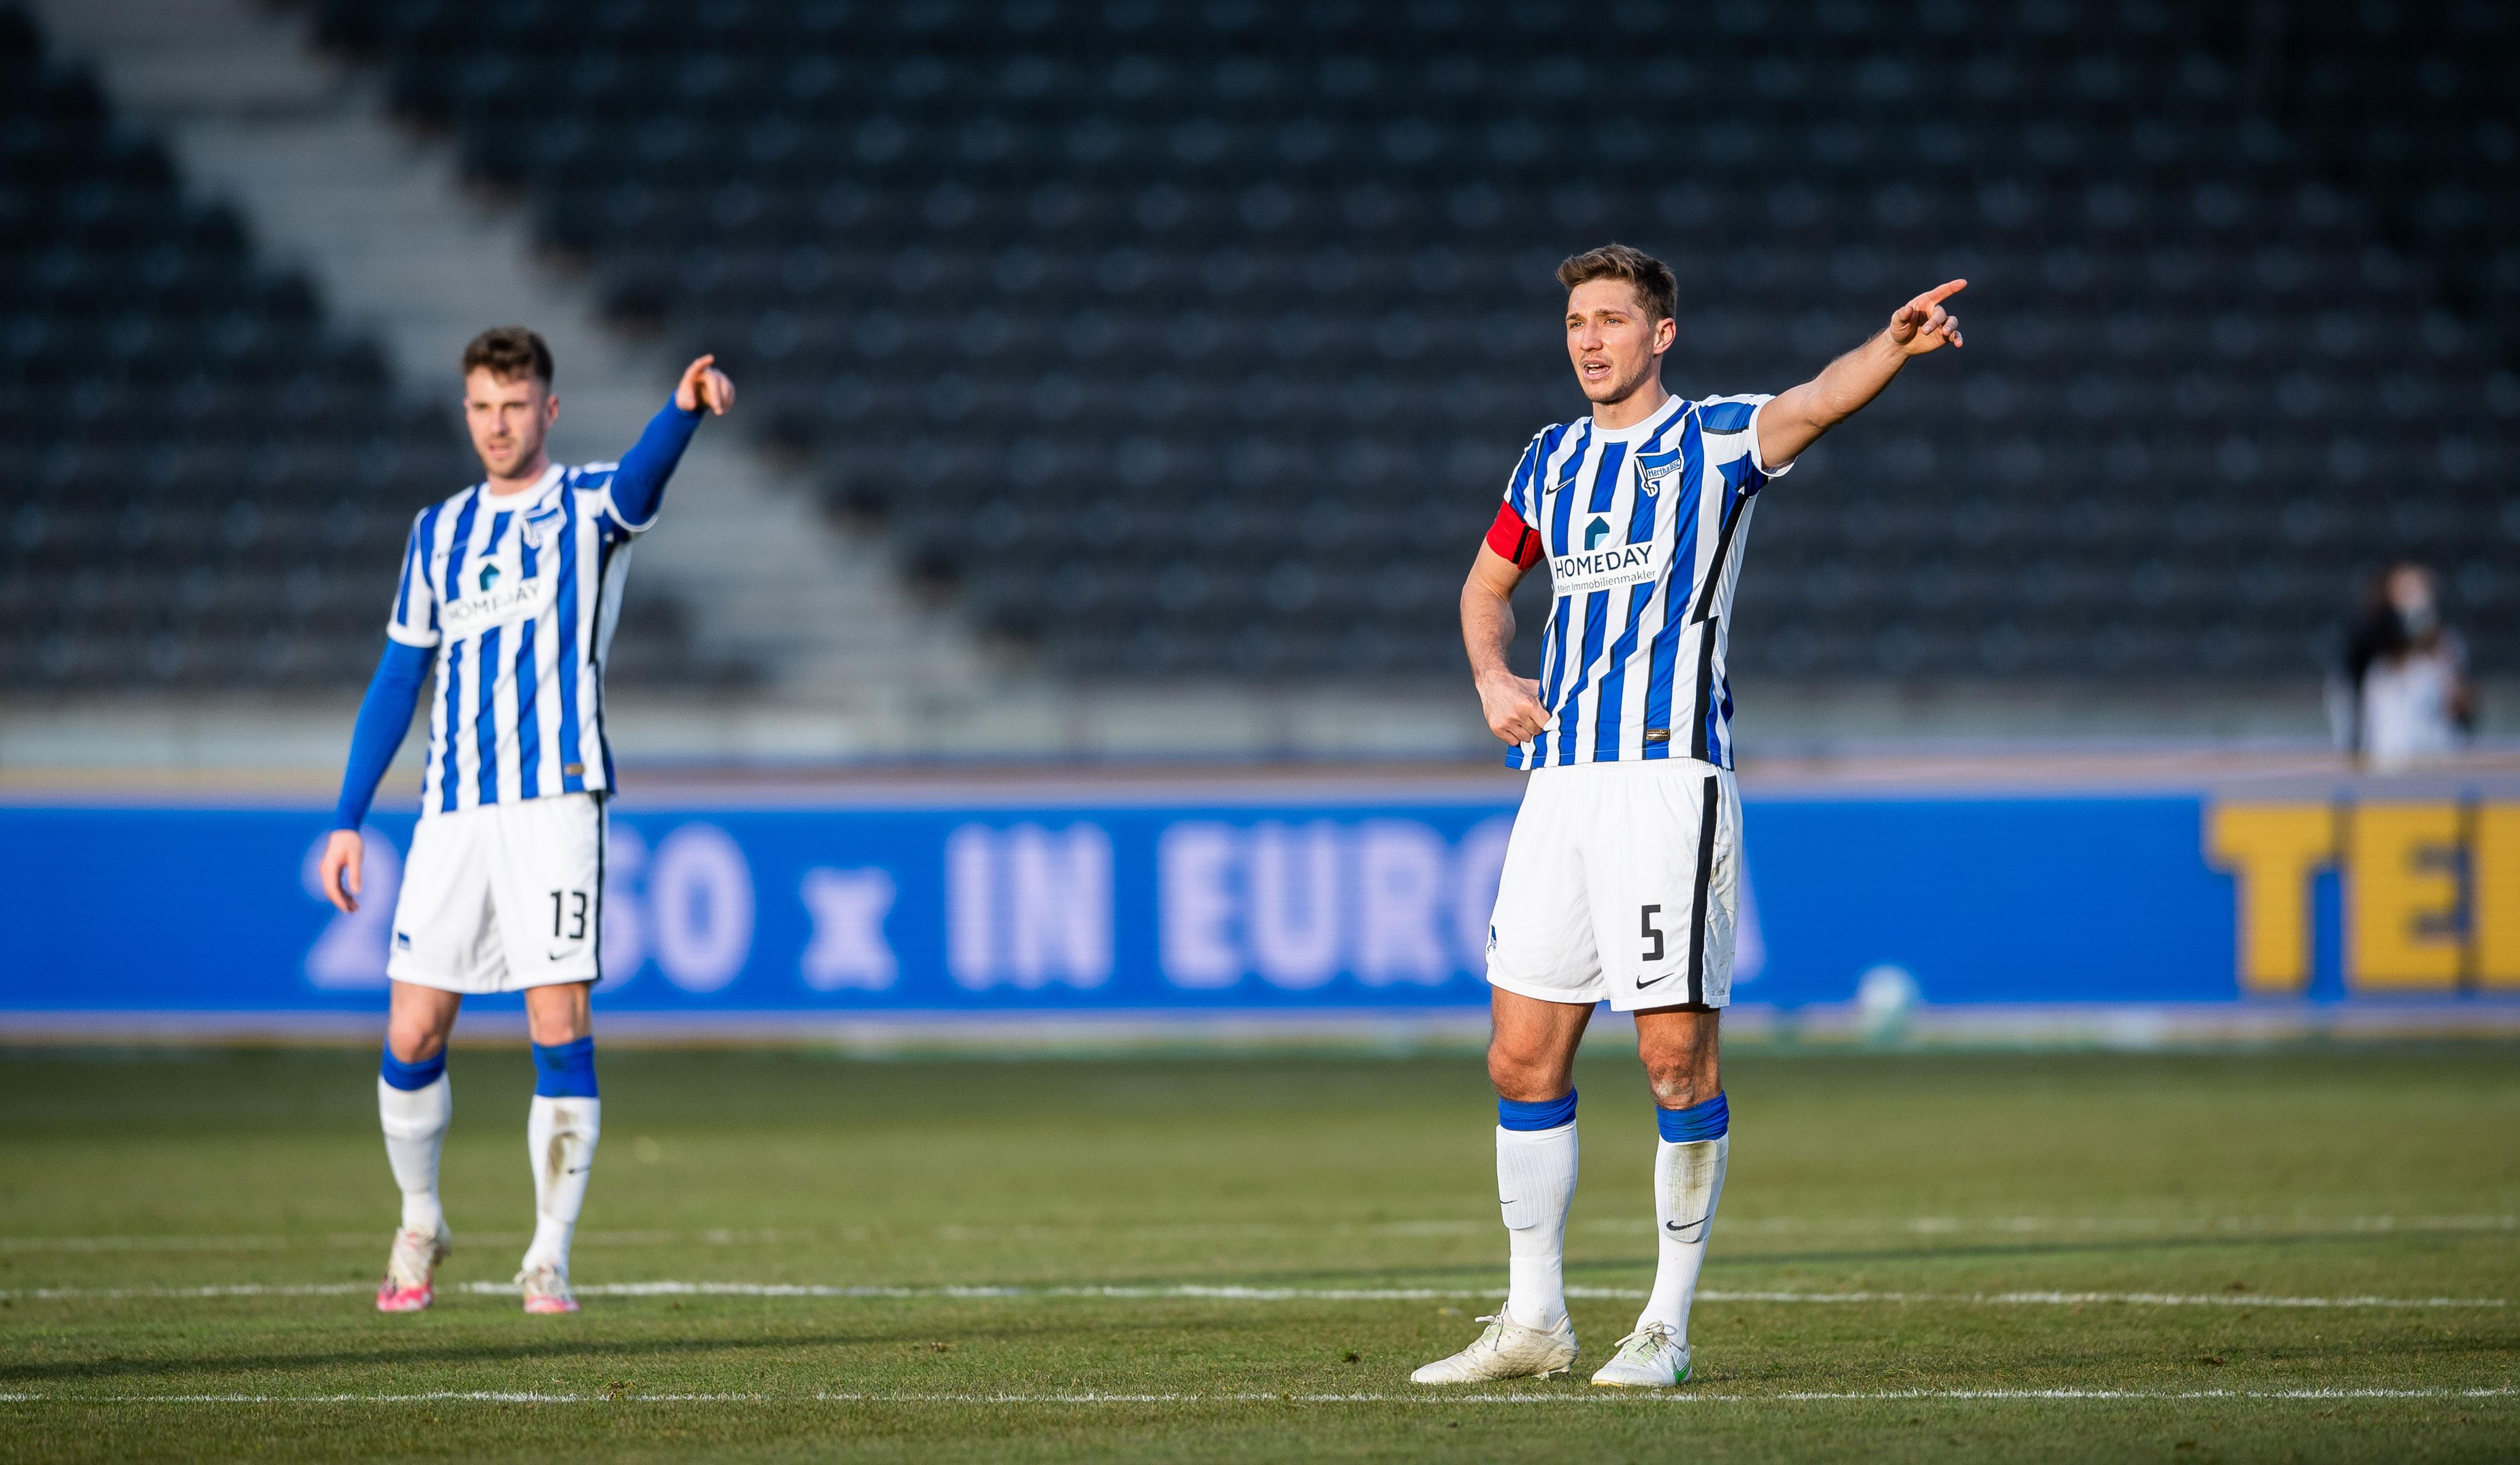 Lukas Klünter y Niklas Stark apuntan en la misma dirección en el campo.